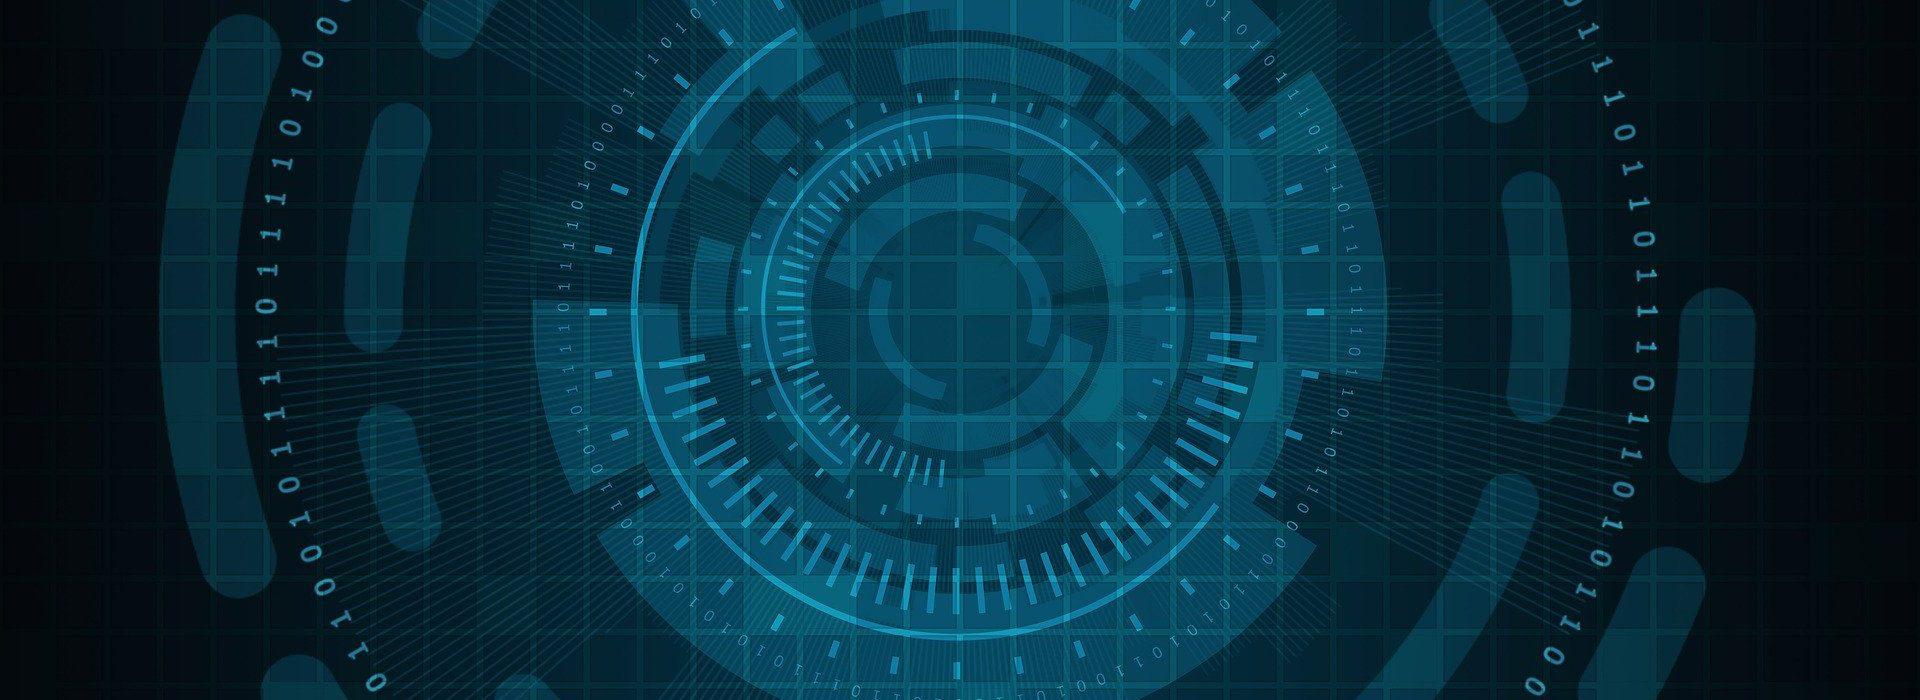 J7 Technologies   Technologie jutra w zasięgu wzroku